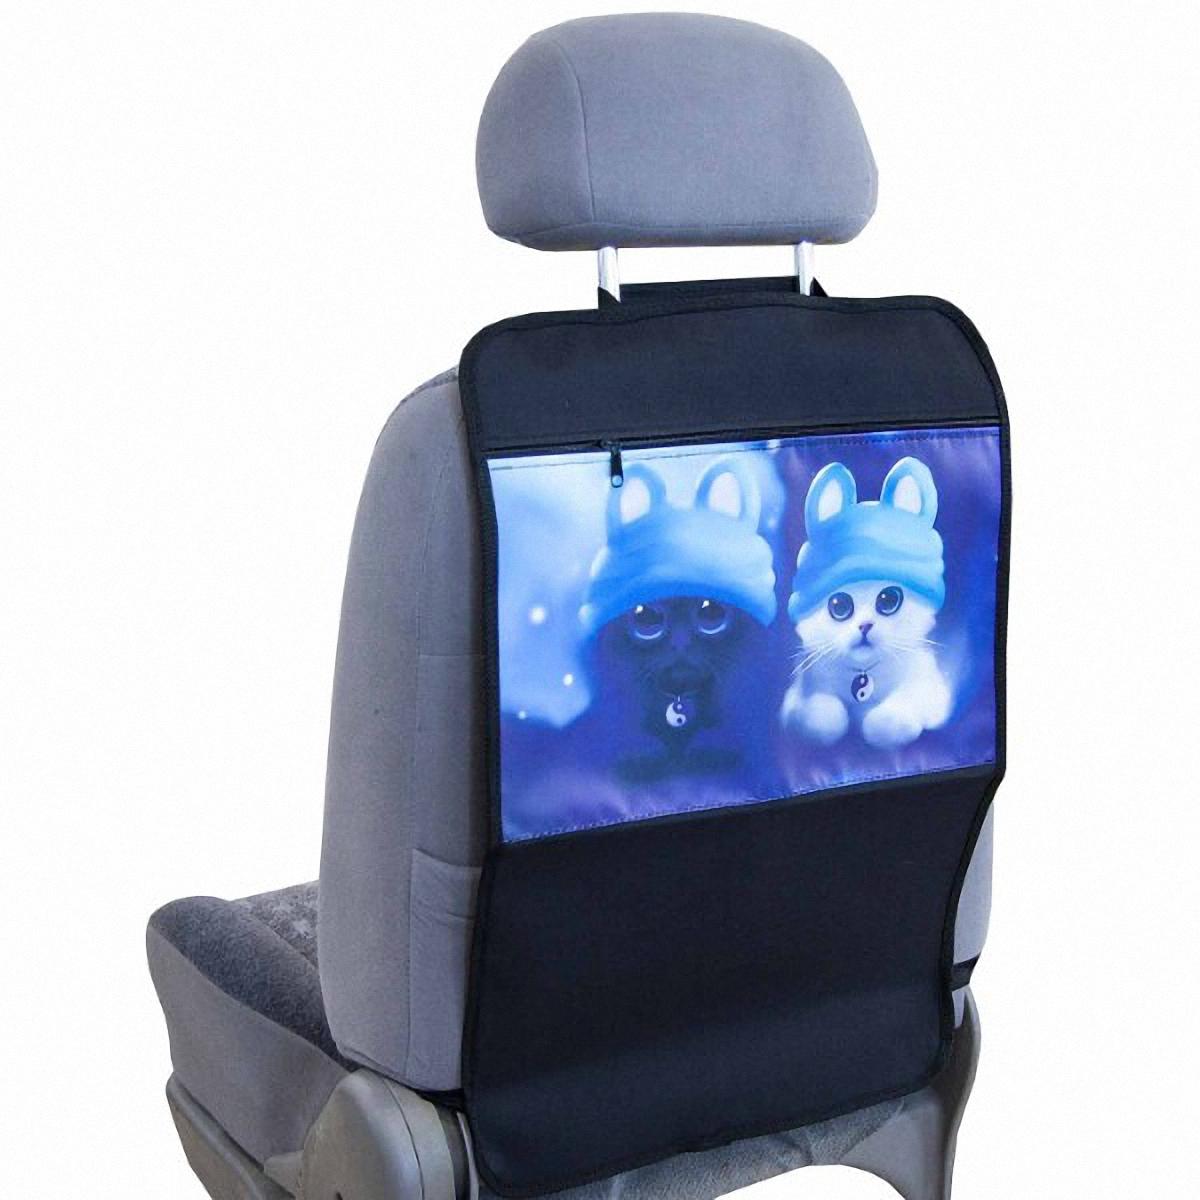 Накидка-органайзер защитная Skyway, на спинку сидения, 37 х 55 см. S06101005S06101005Защитная накидка-органайзер Skyway изготовлена из материалов, отличающихся высокими эксплуатационными характеристиками, благодаря чему в течение длительного времени сохраняет презентабельный внешний вид. Ткань накидки устойчива к механическому воздействию, а также является достаточно прочной и плотной для того, чтобы не пропустить жидкости и другие источники загрязнений к обивке сидений. А красочный рисунок не даст заскучать вашему ребенку в дальней дороге. Размер изделия: 37 х 55 см.